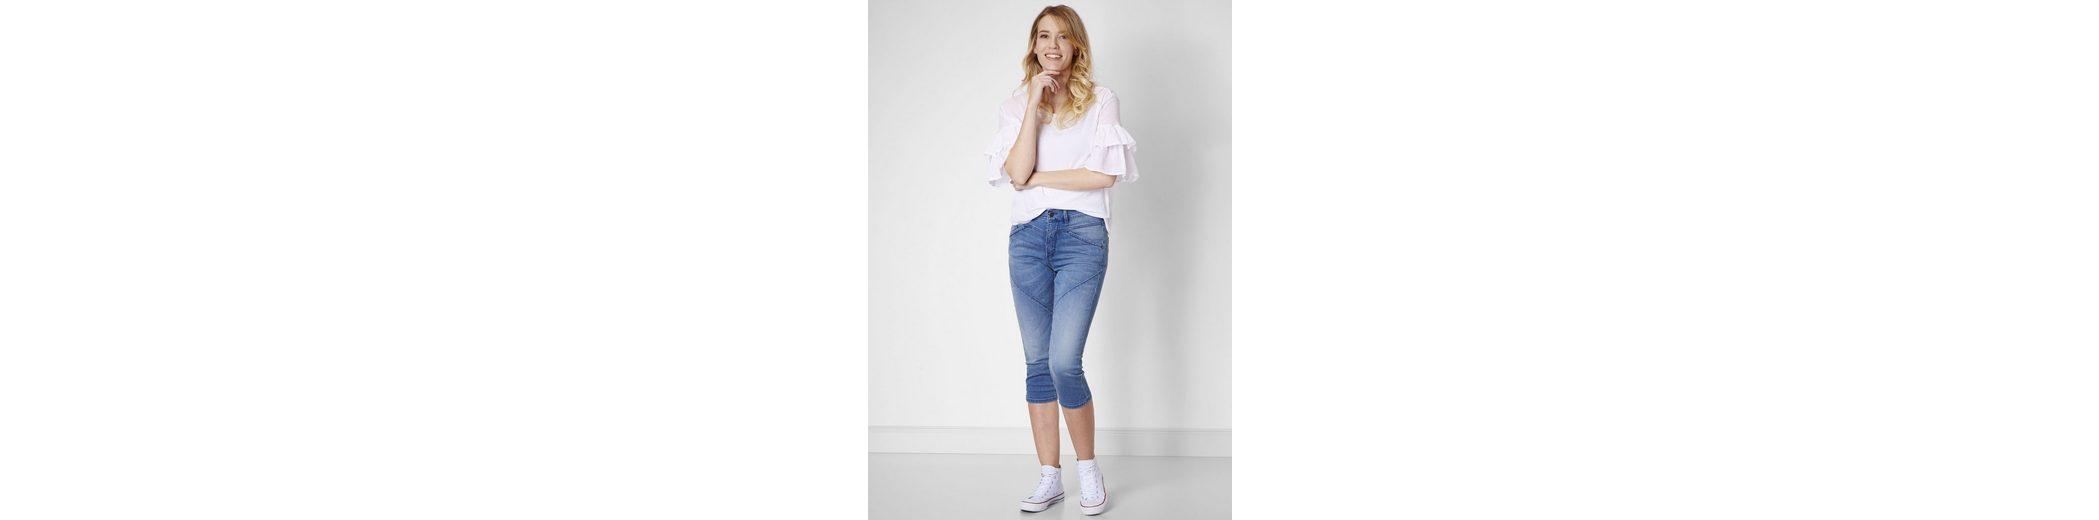 Gutes Verkauf Günstiger Preis PADDOCK'S Jeans 3/4 PIA Spielraum Heißen Verkauf Freies Verschiffen Der Offizielle Website Zuverlässige Online-Verkauf Spielraum Manchester Großer Verkauf z04UneQTU